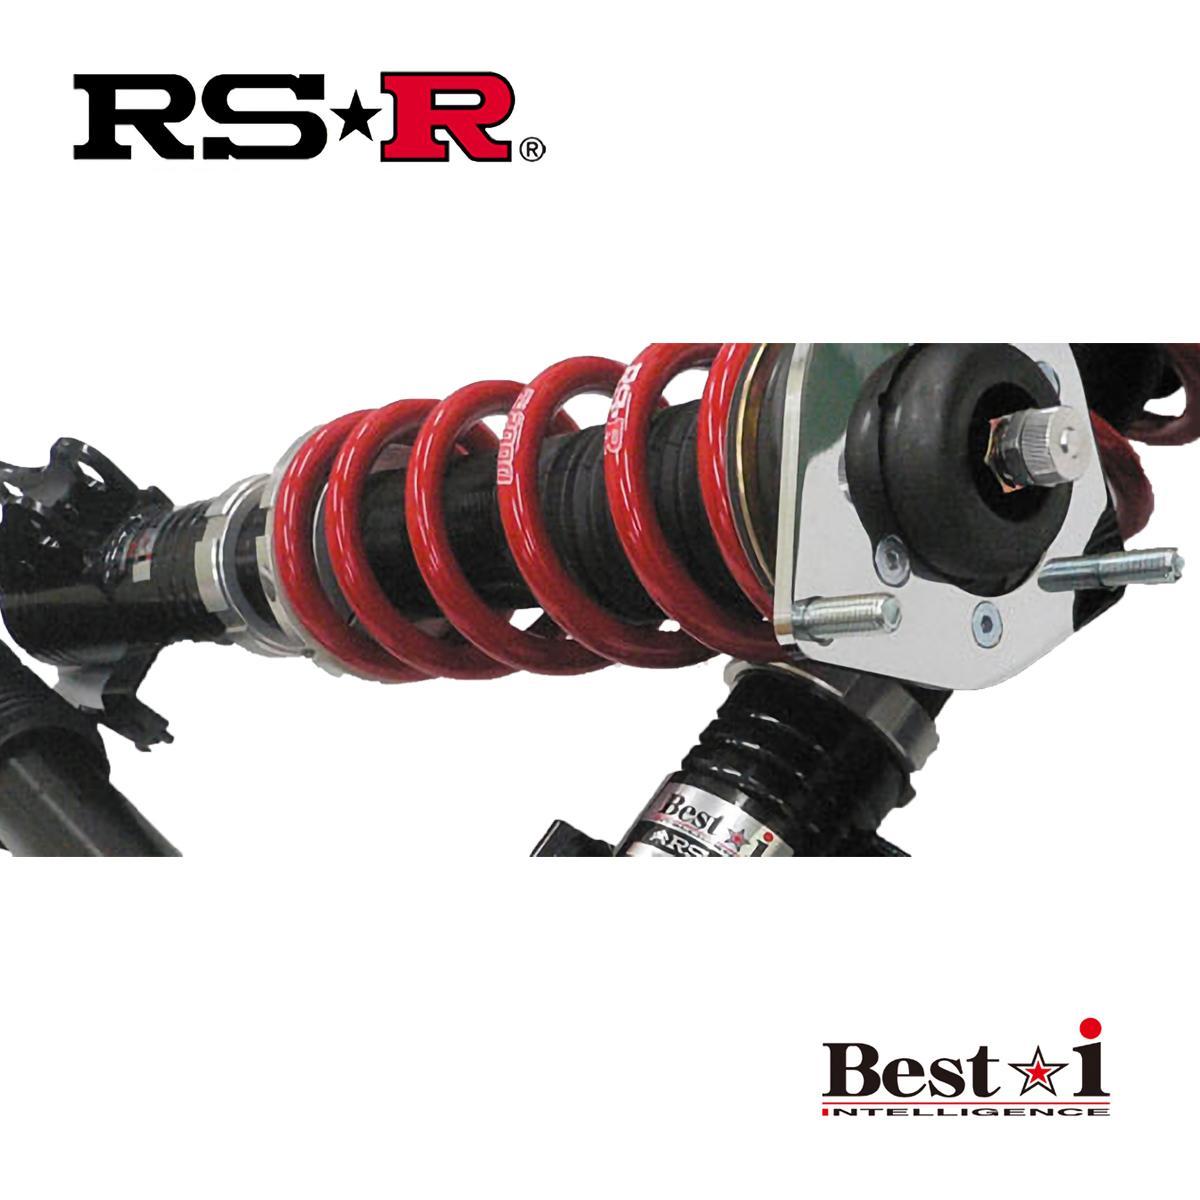 RS-R C-HR G-T NGX50 車高調 リア車高調整:ネジ式/推奨バネレート仕様 BIT381M ベストi RSR 個人宅発送追金有